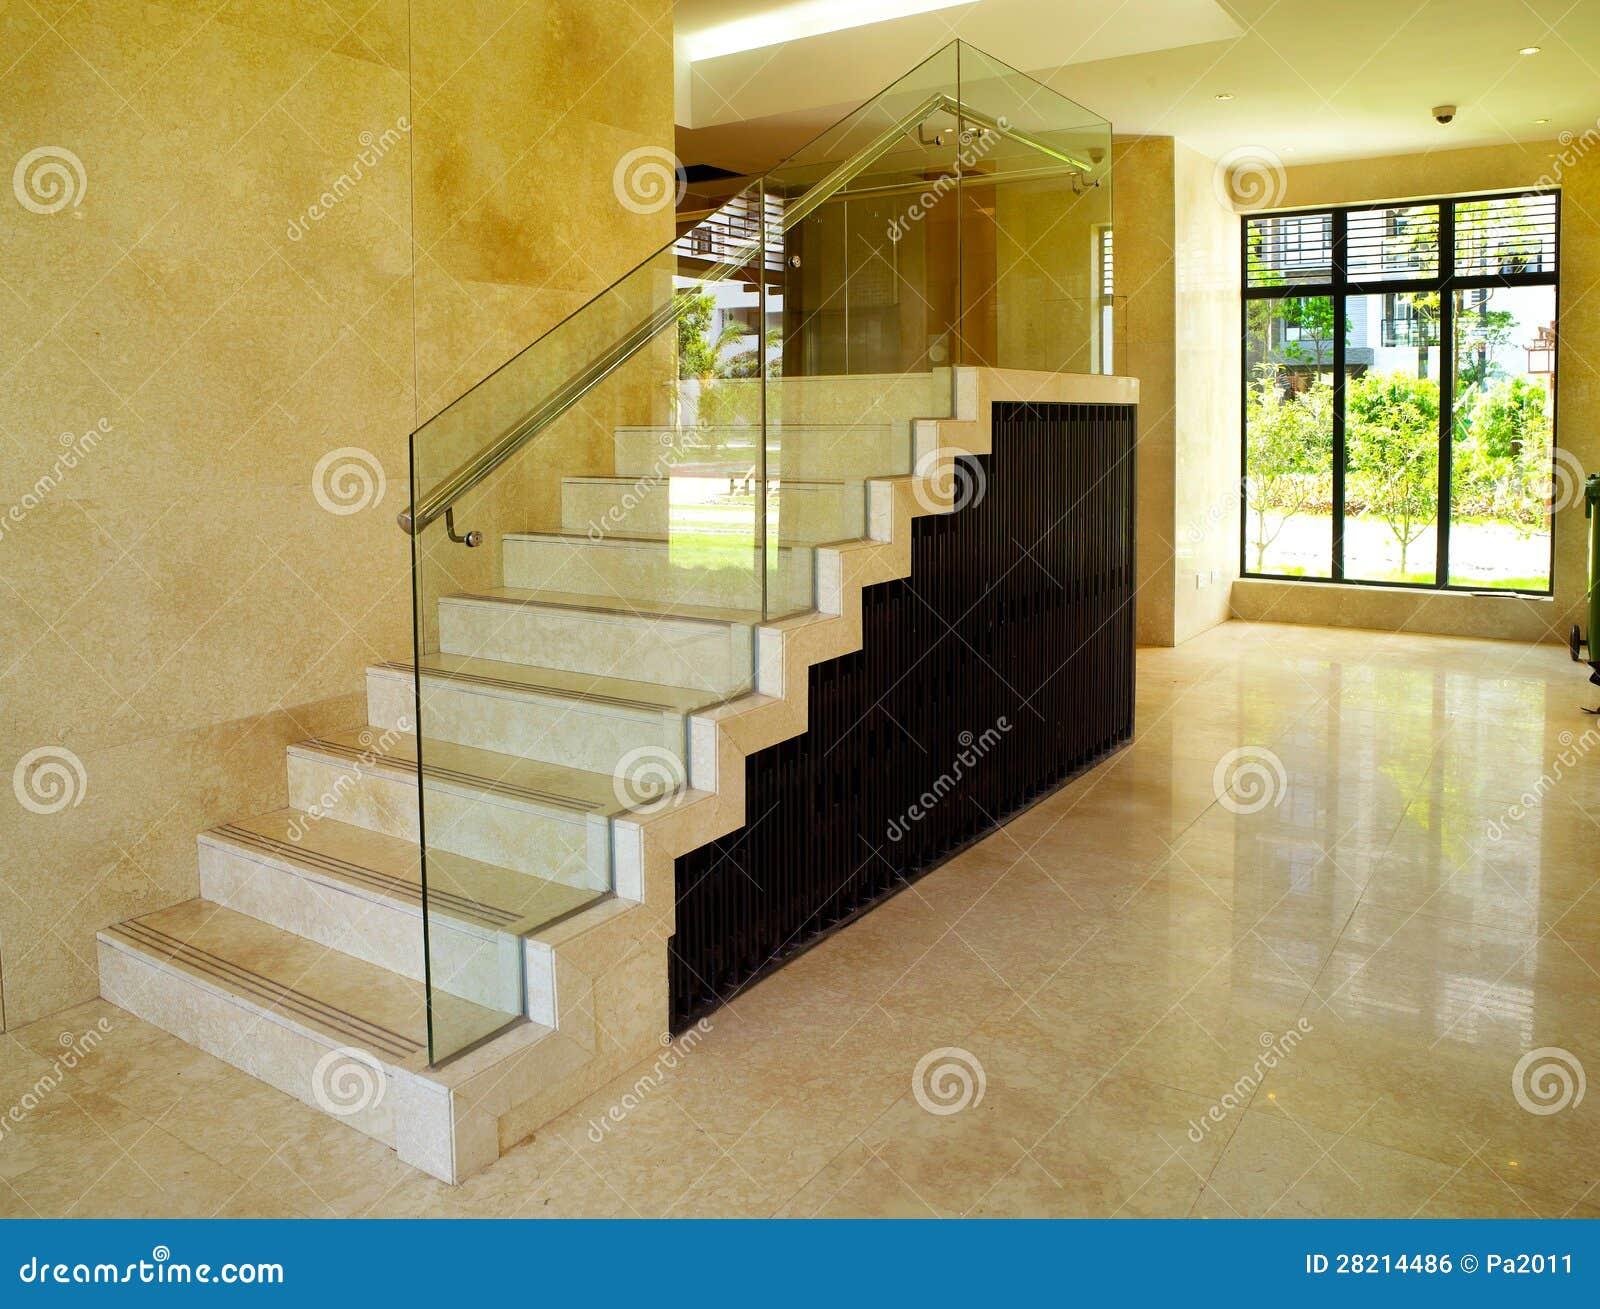 Dise o interior moderno escalera imagen de archivo libre - Diseno de escaleras interiores ...